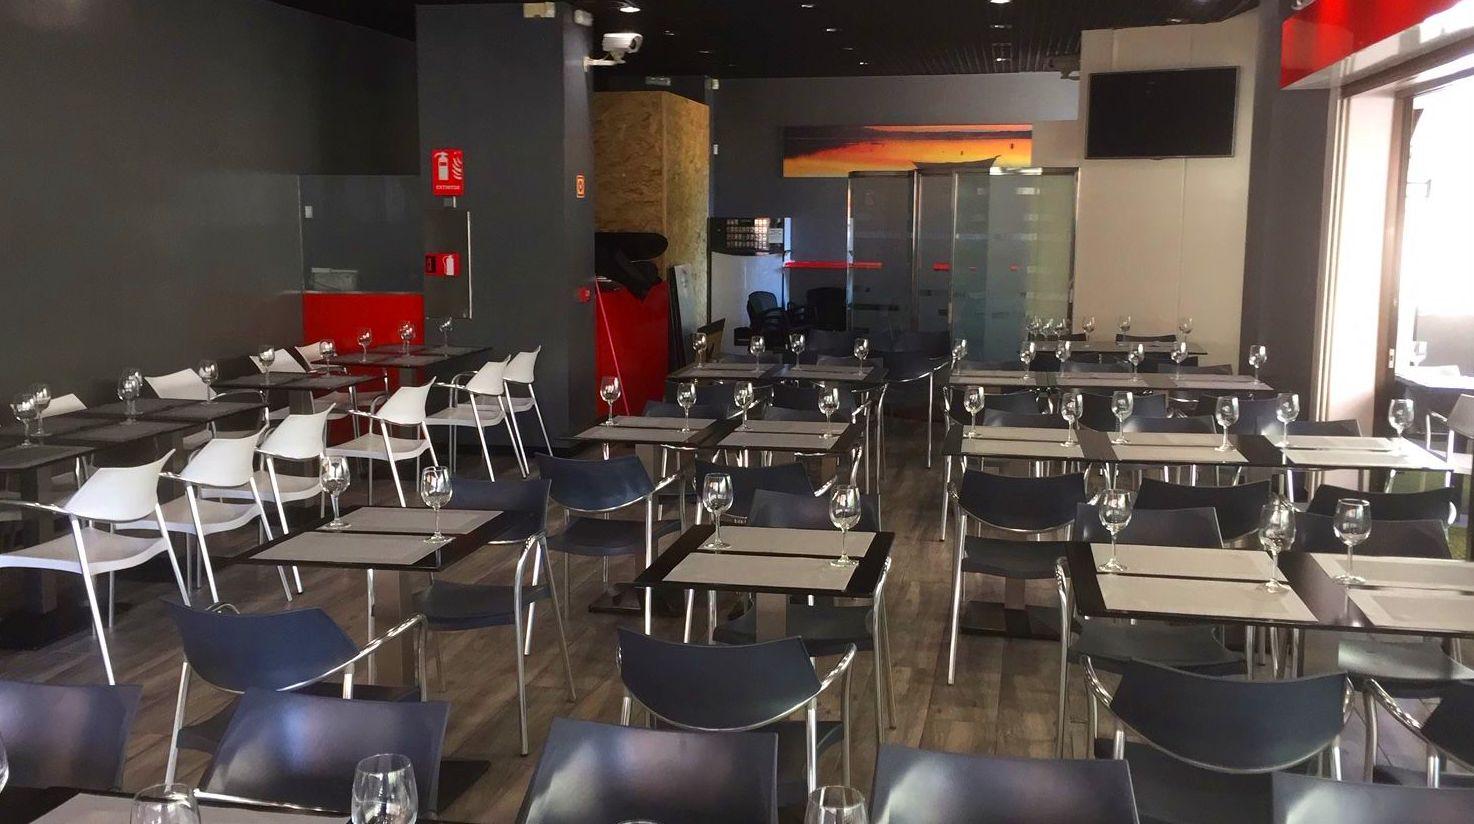 Foto 13 de Restaurante en Madrid | Restaurante Galicia Las Tablas